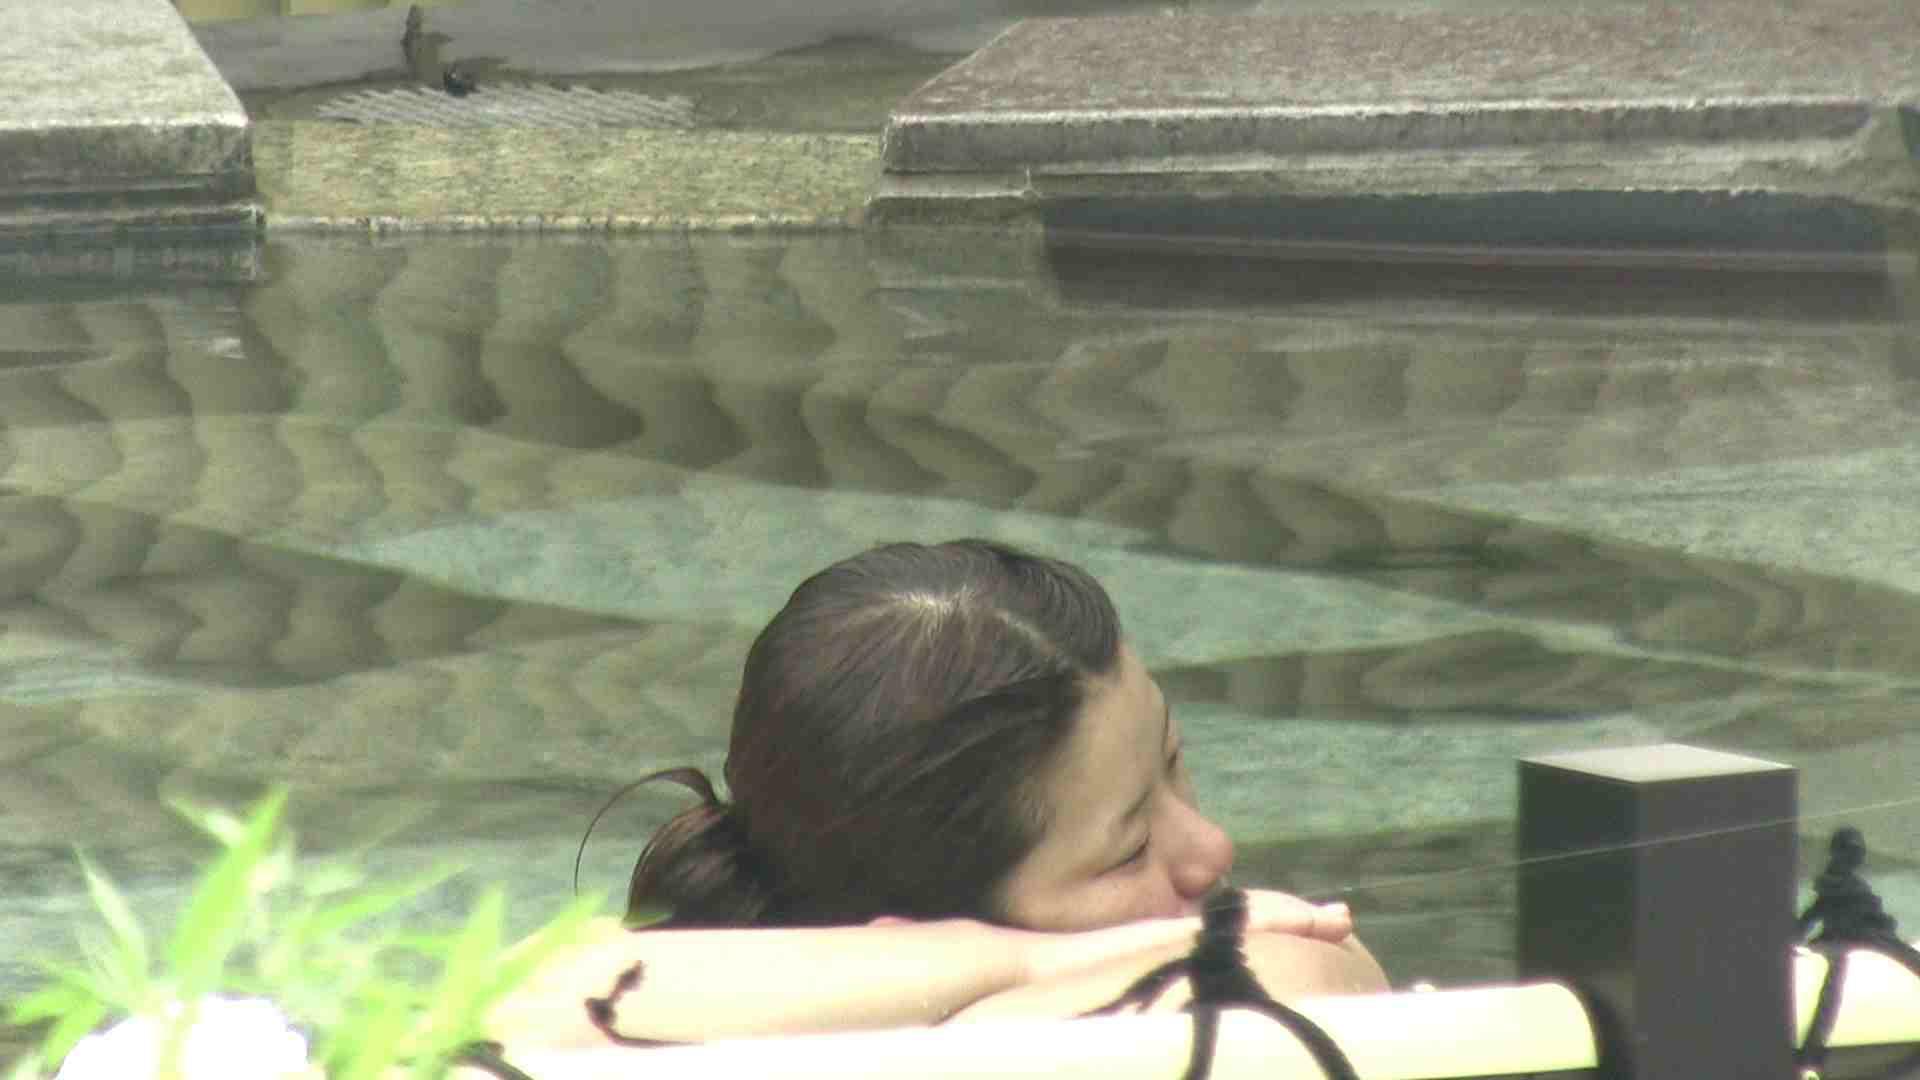 Aquaな露天風呂Vol.19【VIP】 美しいOLの裸体  106pic 51